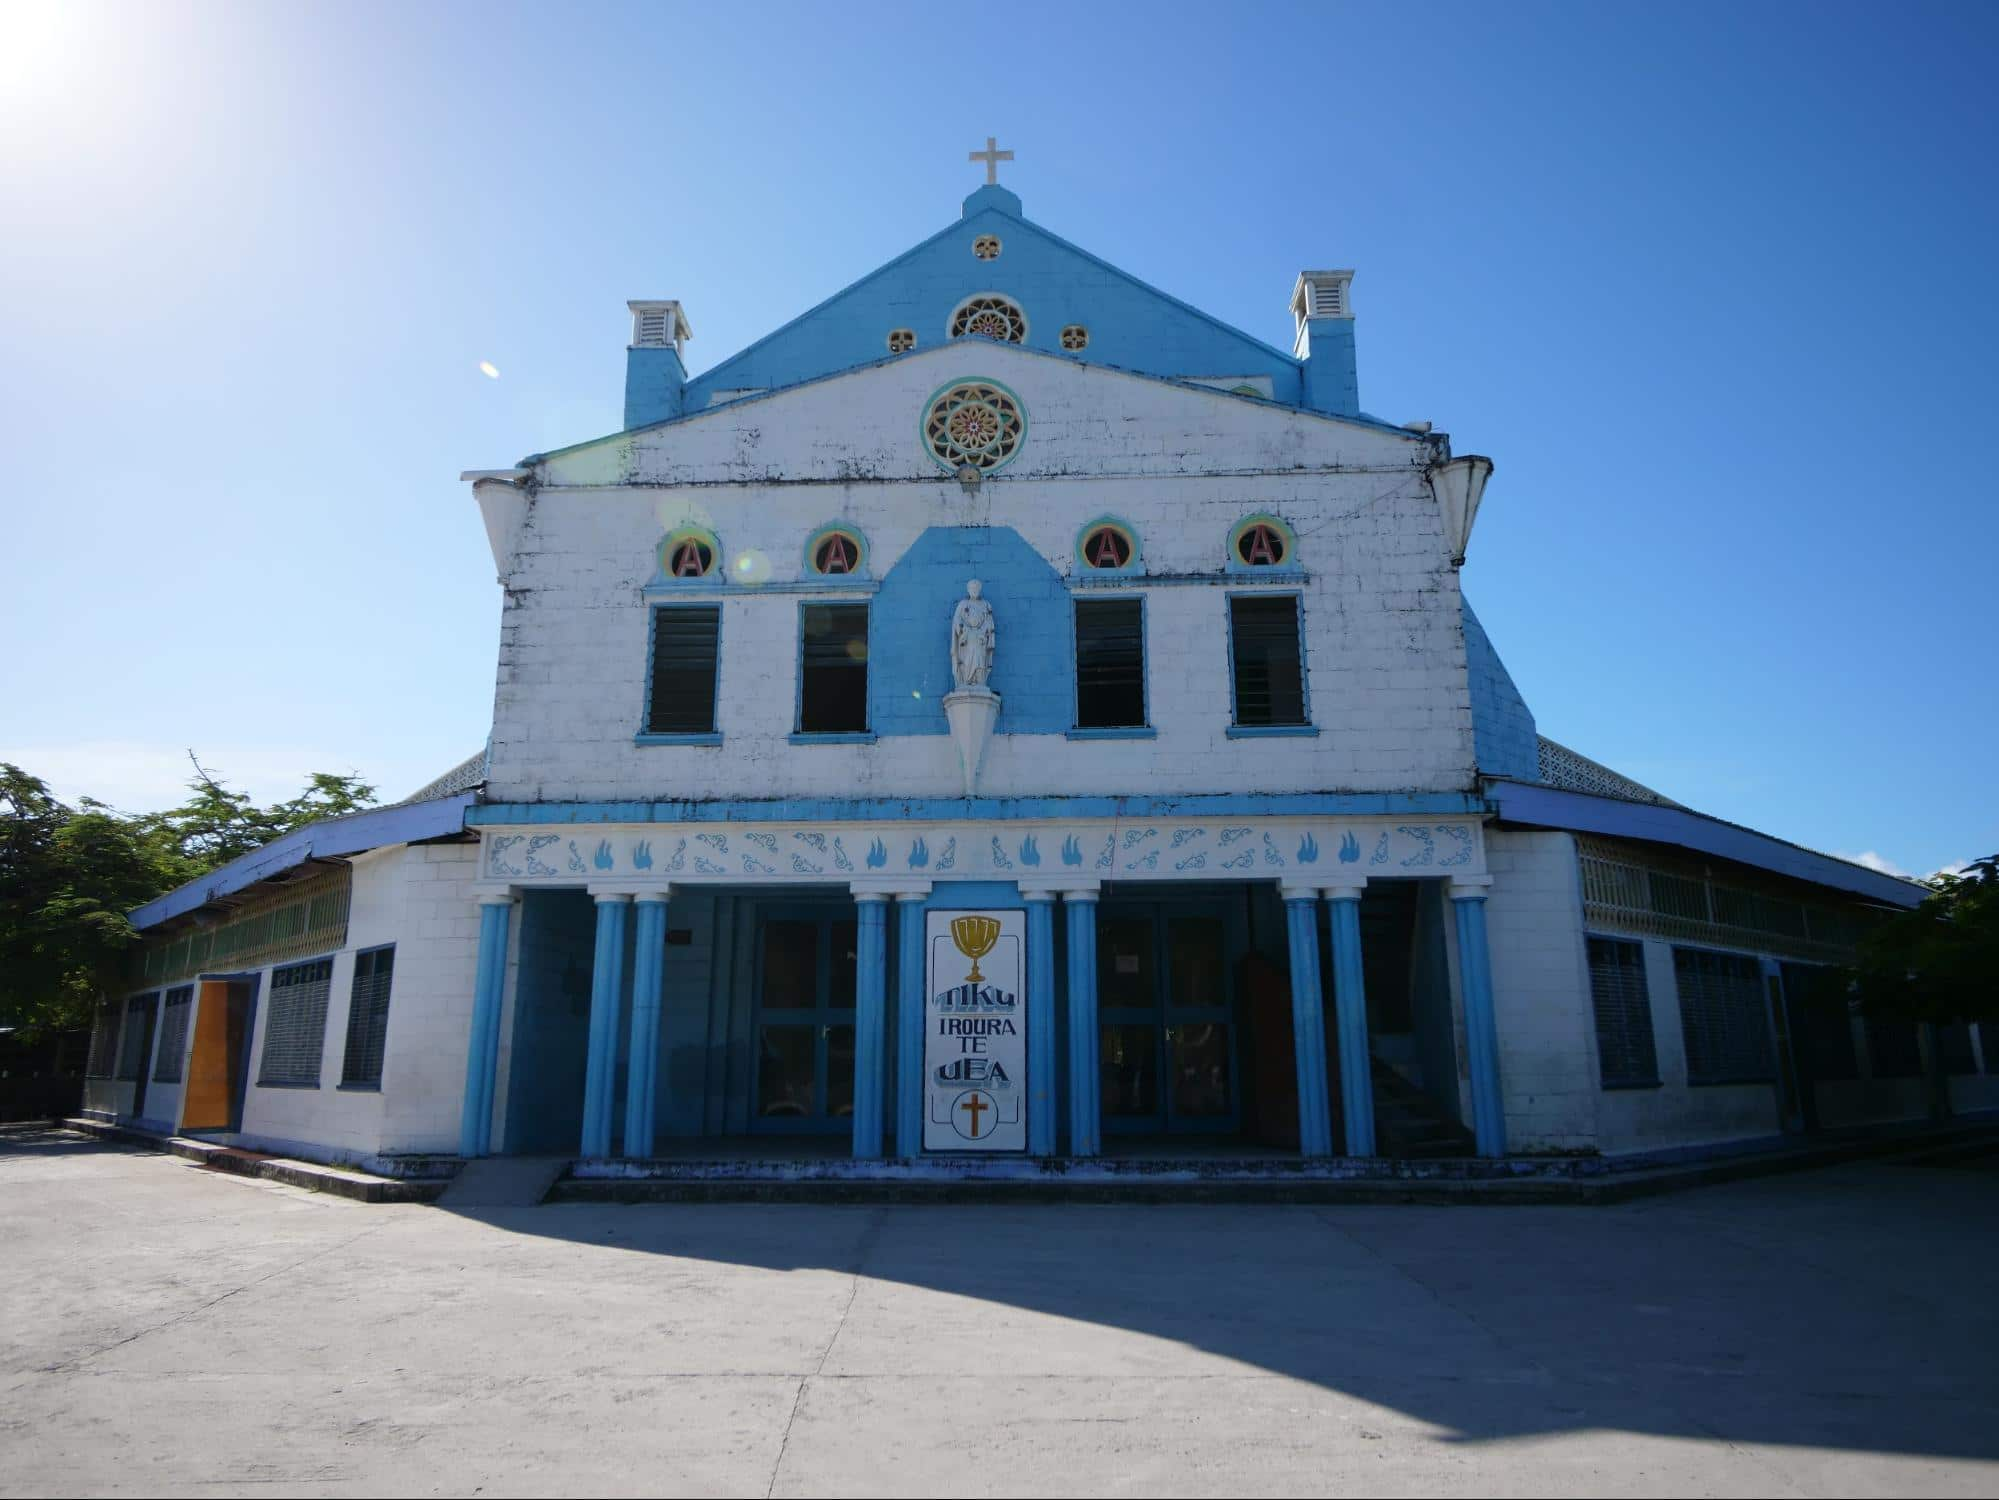 More colorful churches in Kiribati